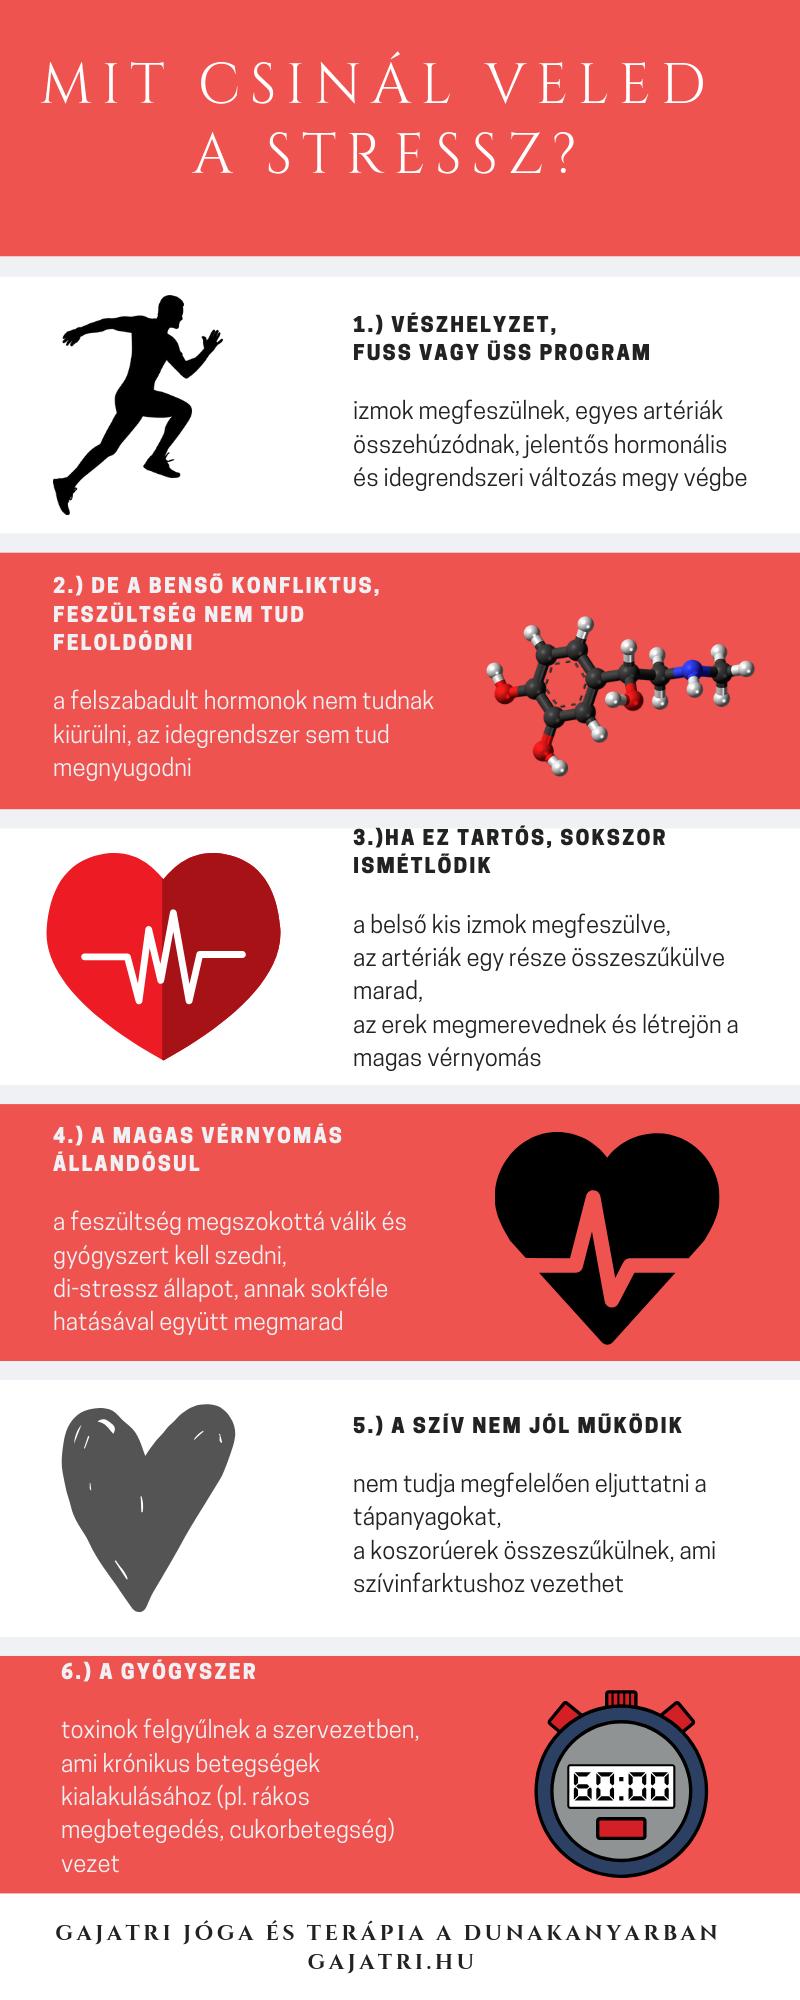 ICD 10 magas vérnyomás kód magas vérnyomás elleni hammam